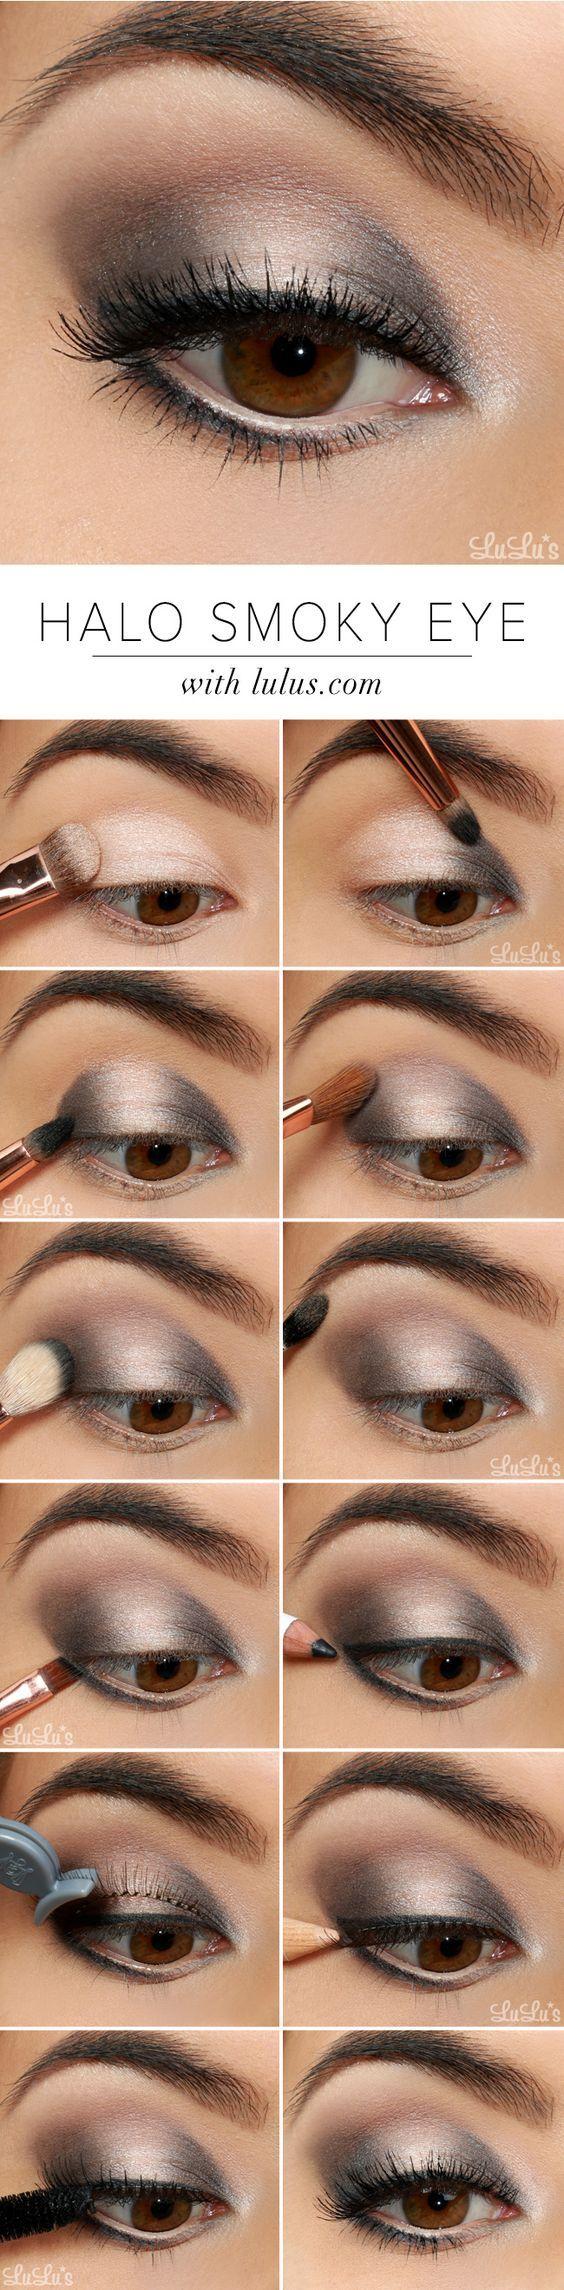 maquiagem sombra prateada 6